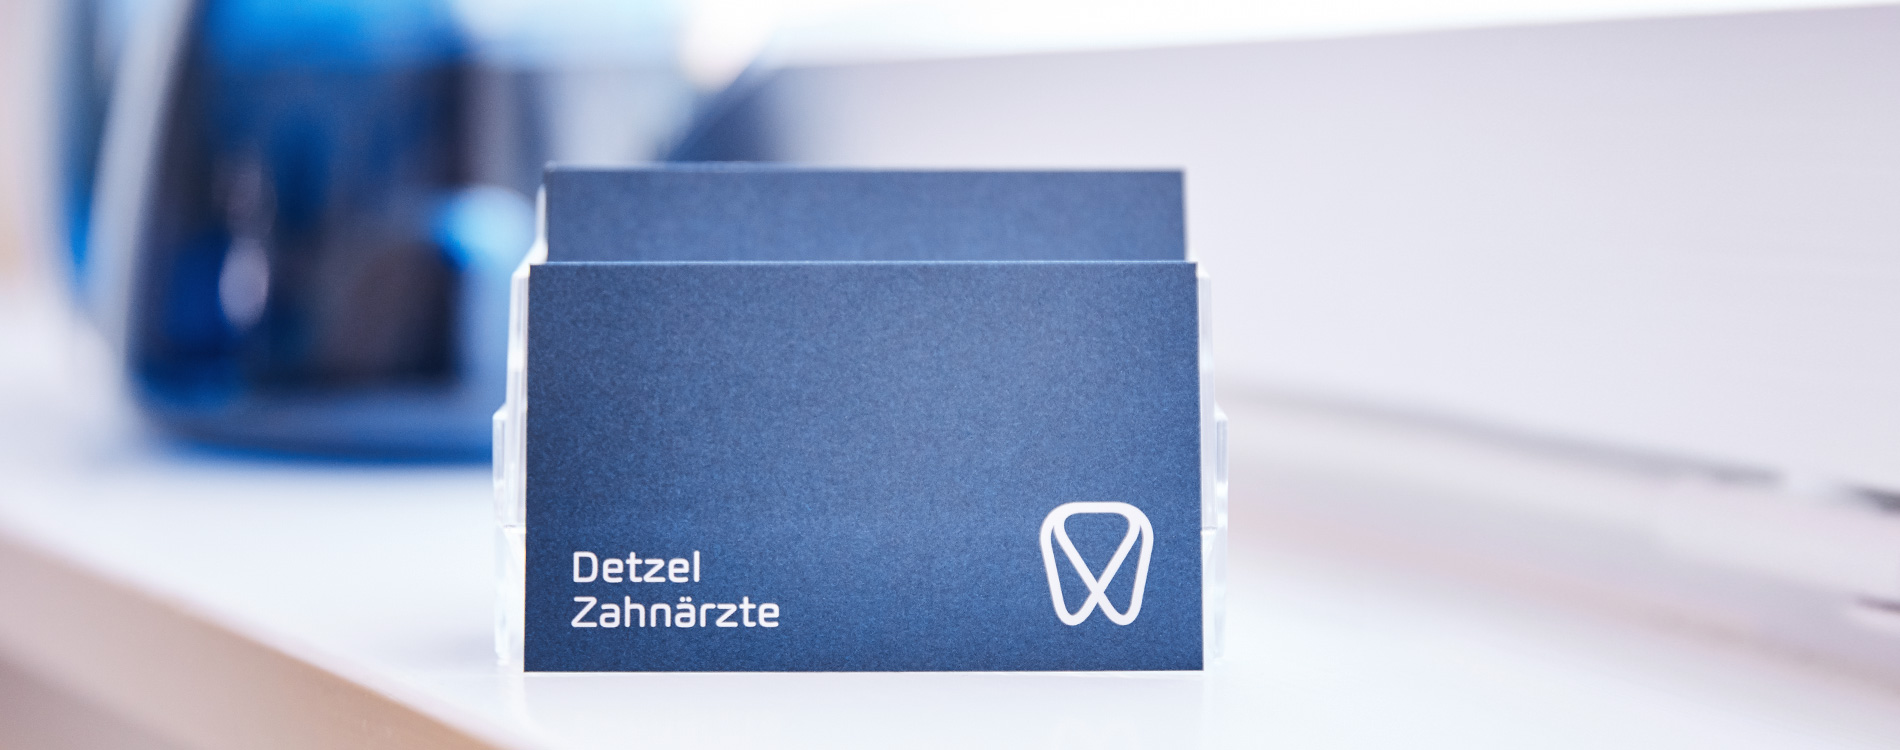 Zahnarztpraxis Detzel – Ihre Zahnärzte in Weingarten! - Kontakt 1